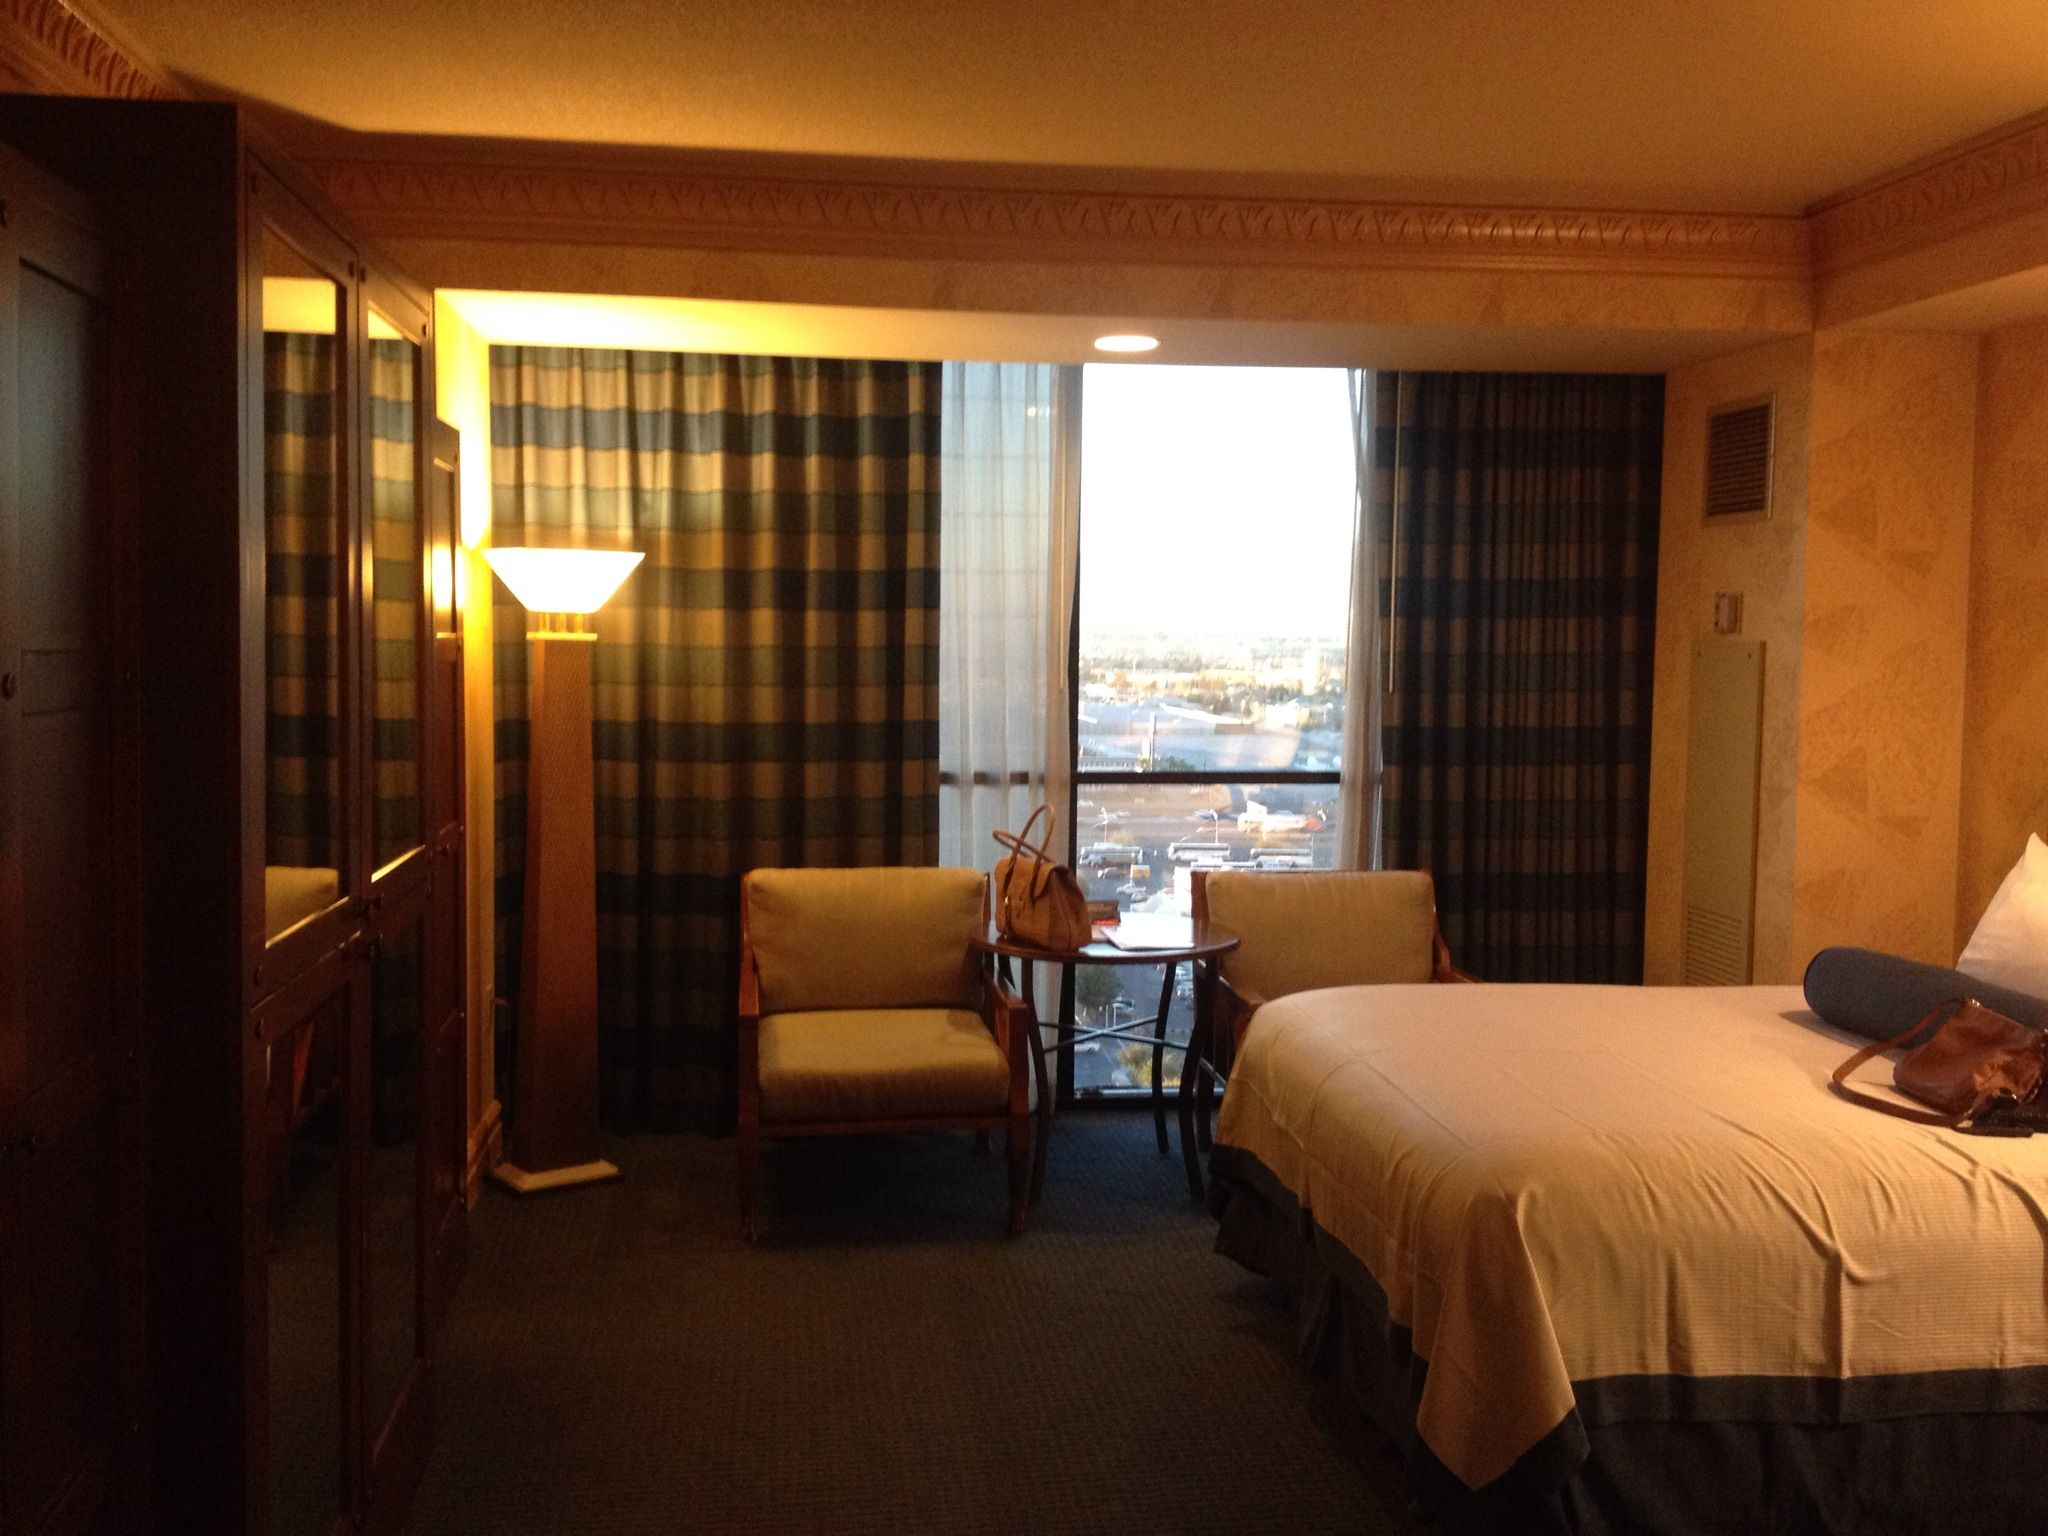 Luxor Hotel and Casino in Las Vegas Las vegas